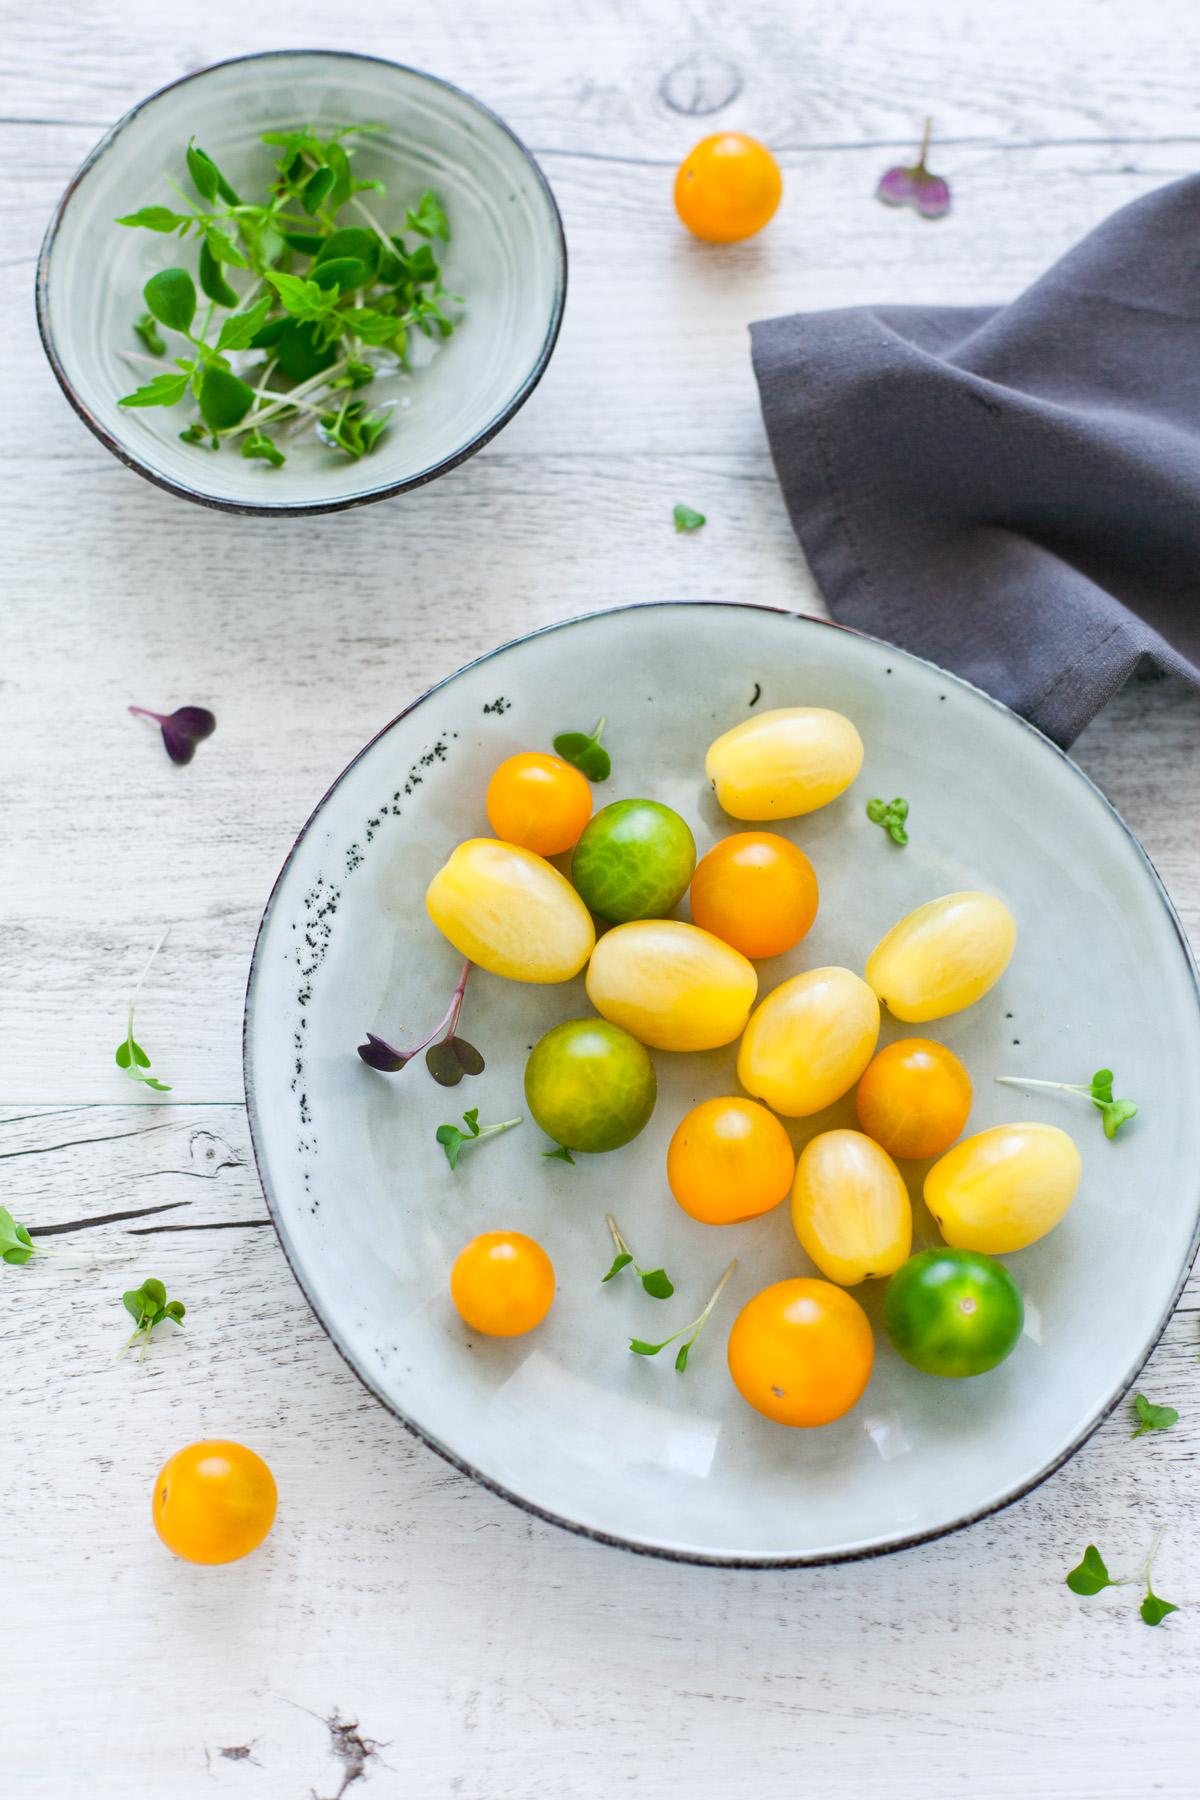 Linguine alla crema di zucchine con crudaiola di pomodori gialli e verdi 1